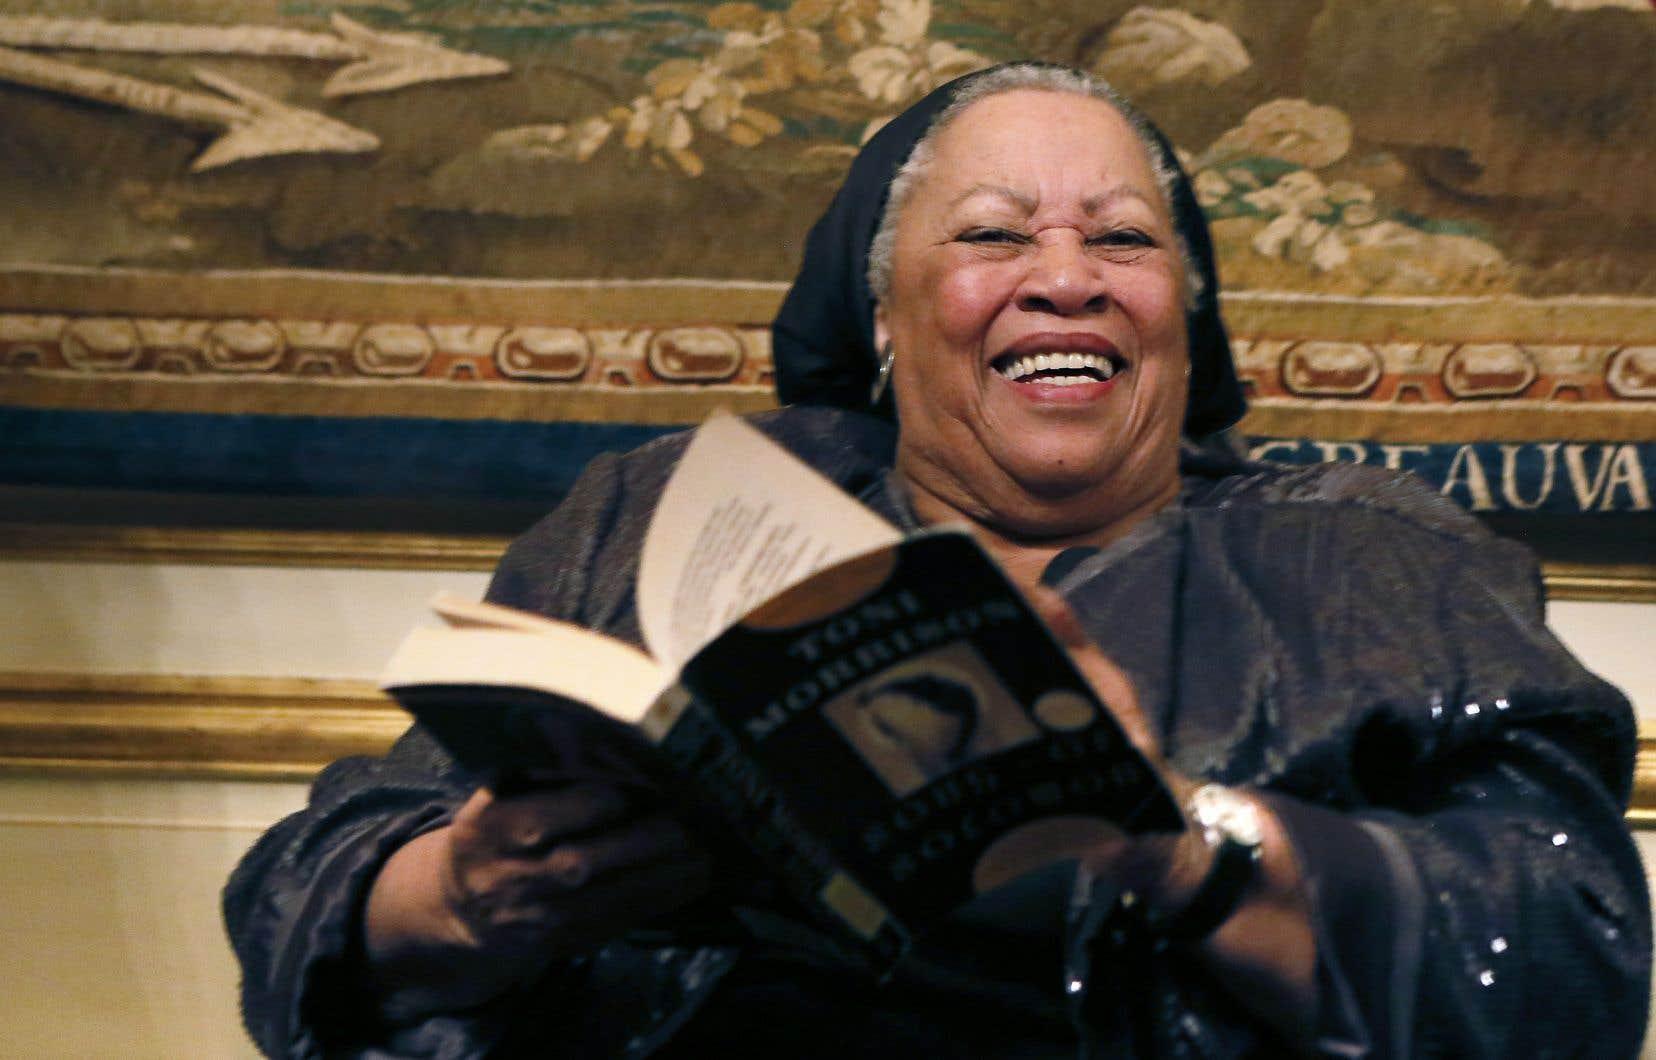 Pour Toni Morrison, les classiques de la littérature américaine du XIXe siècle reflètent la présence subliminale des Noirs dans l'histoire des États-Unis.